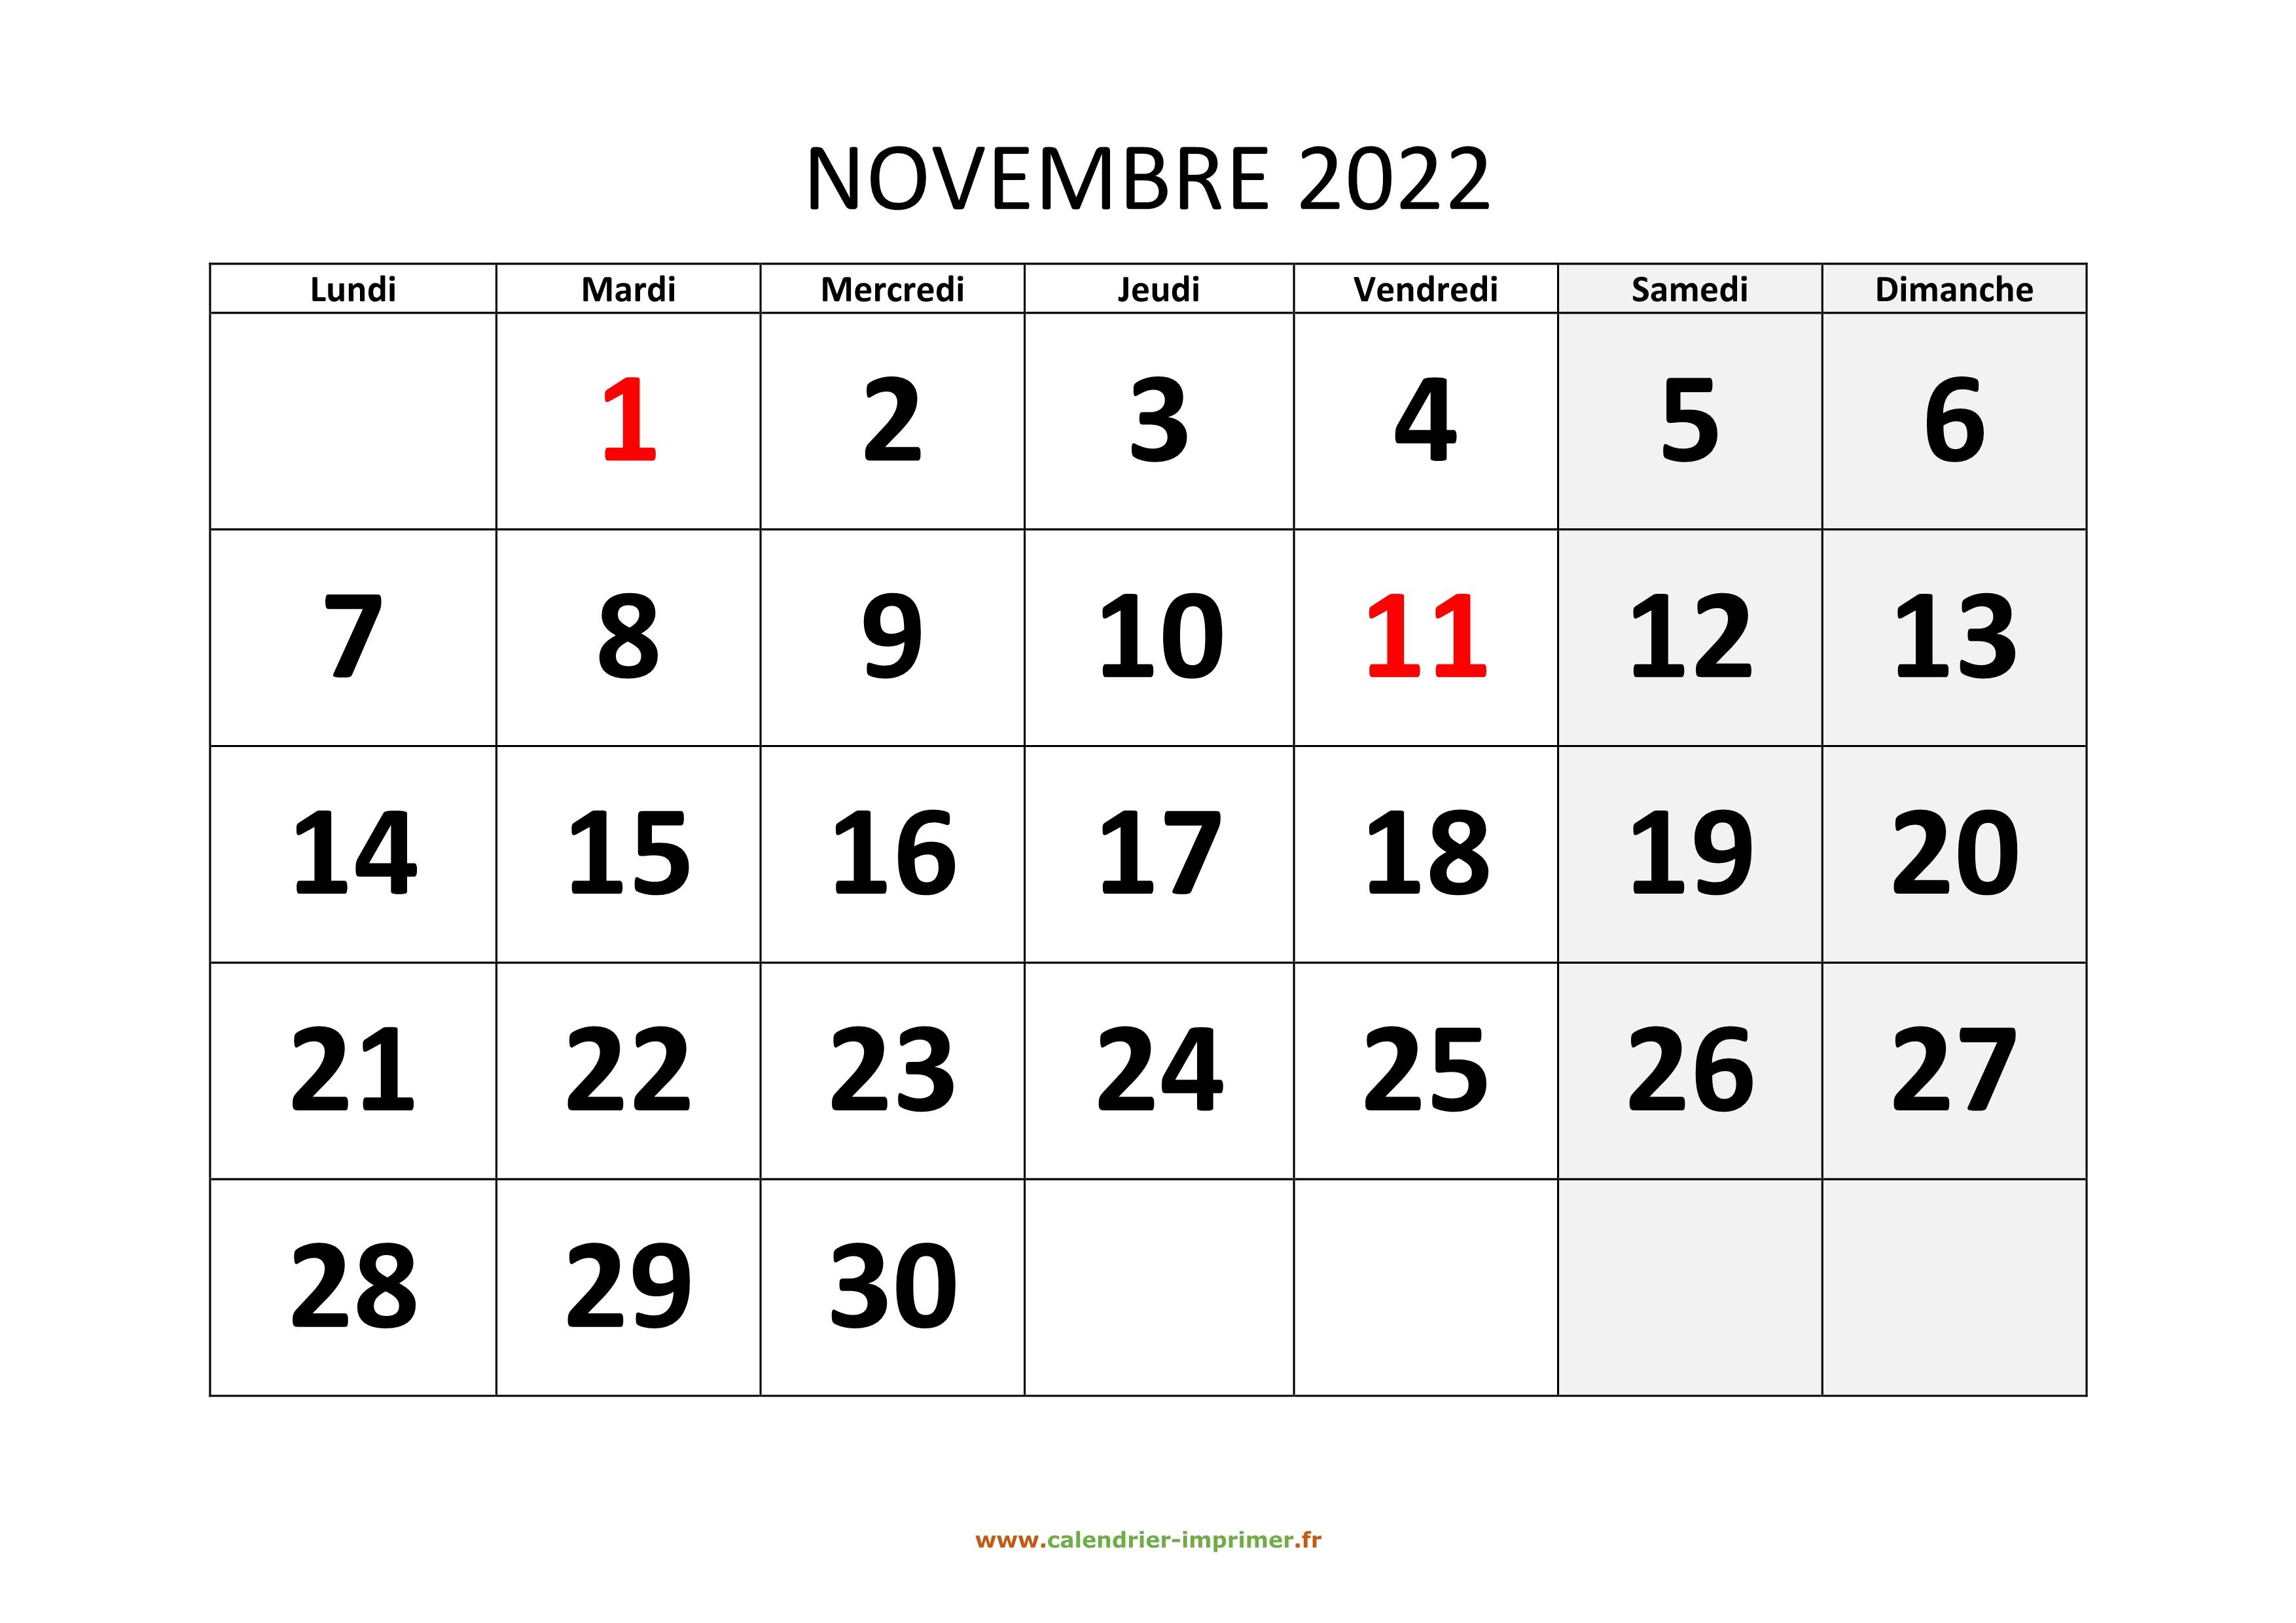 Calendrier 2022 Novembre Calendrier Novembre 2022 à imprimer